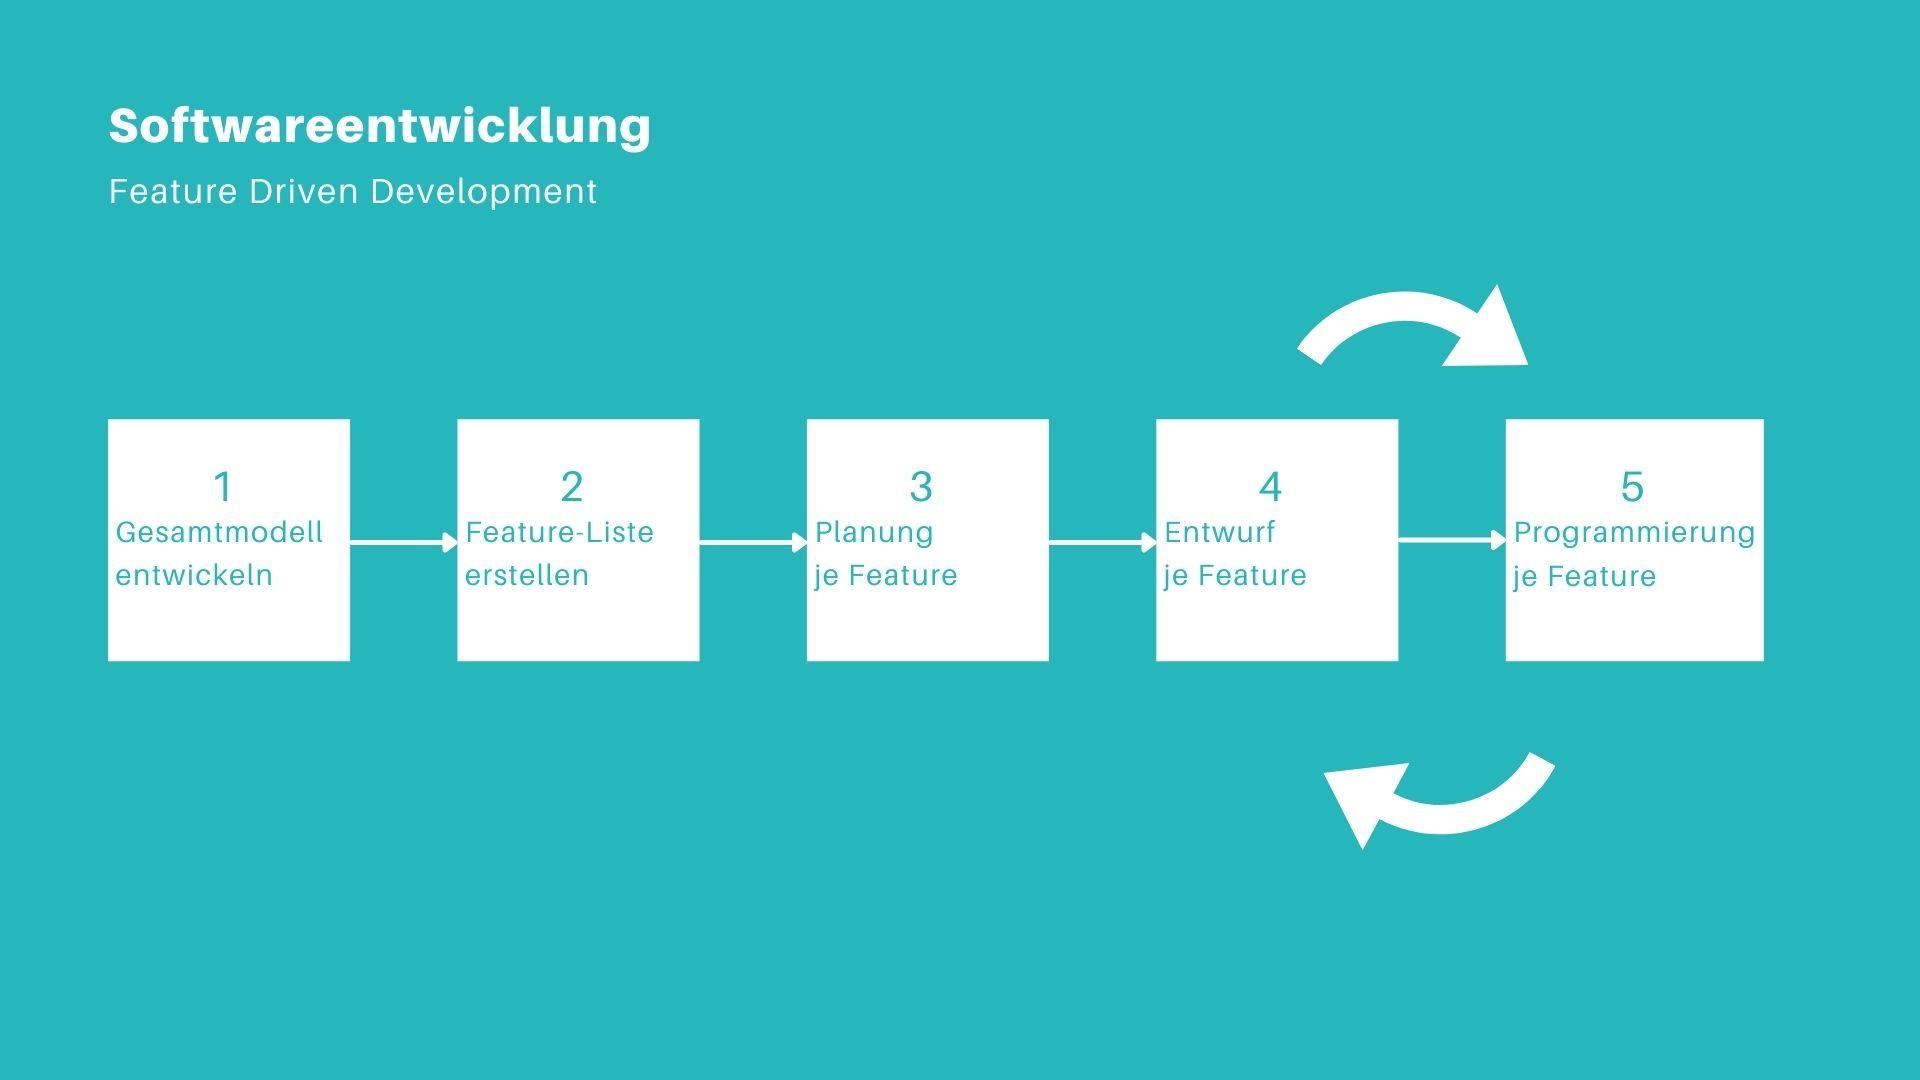 Softwareentwicklung: FDD